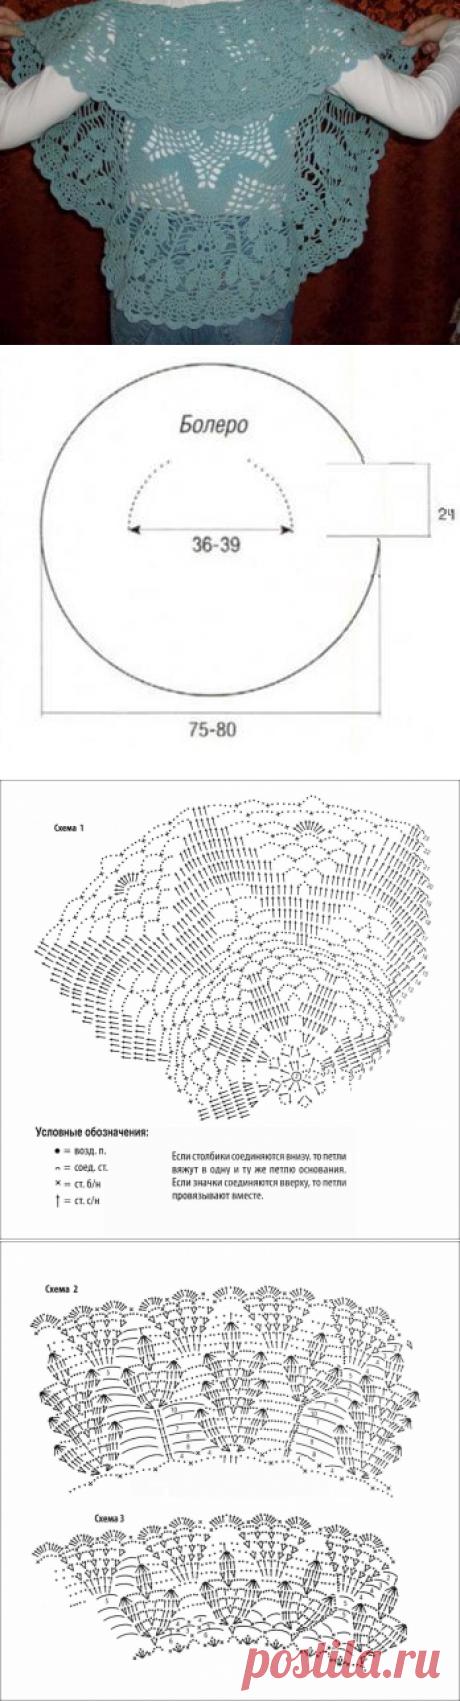 Как связать крючком круговое ажурное болеро